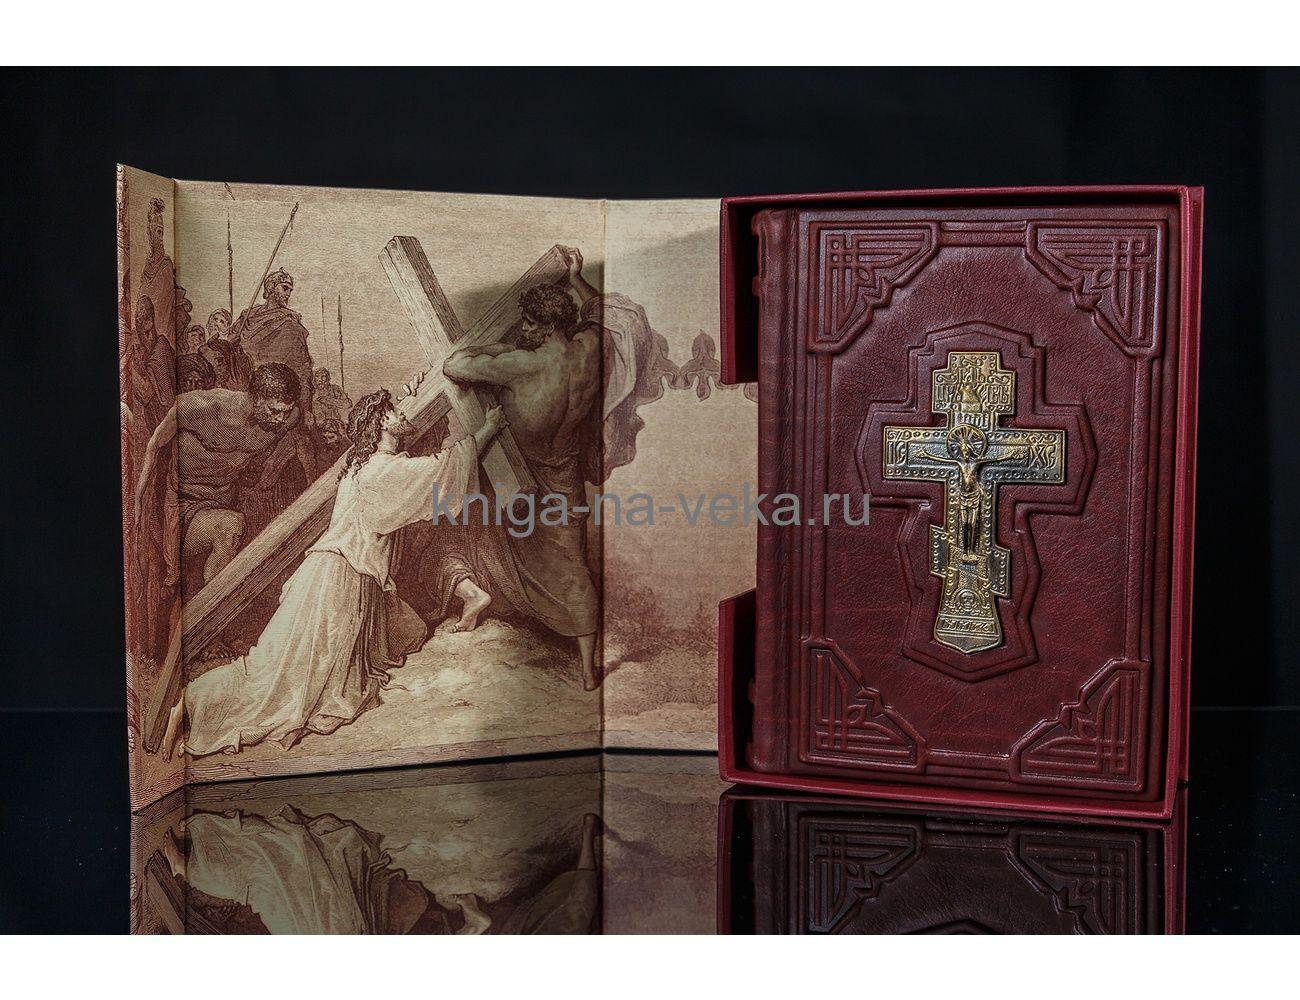 Книга «Библия» в кожаном переплёте с крестом, индексами и золотым обрезом в футляре